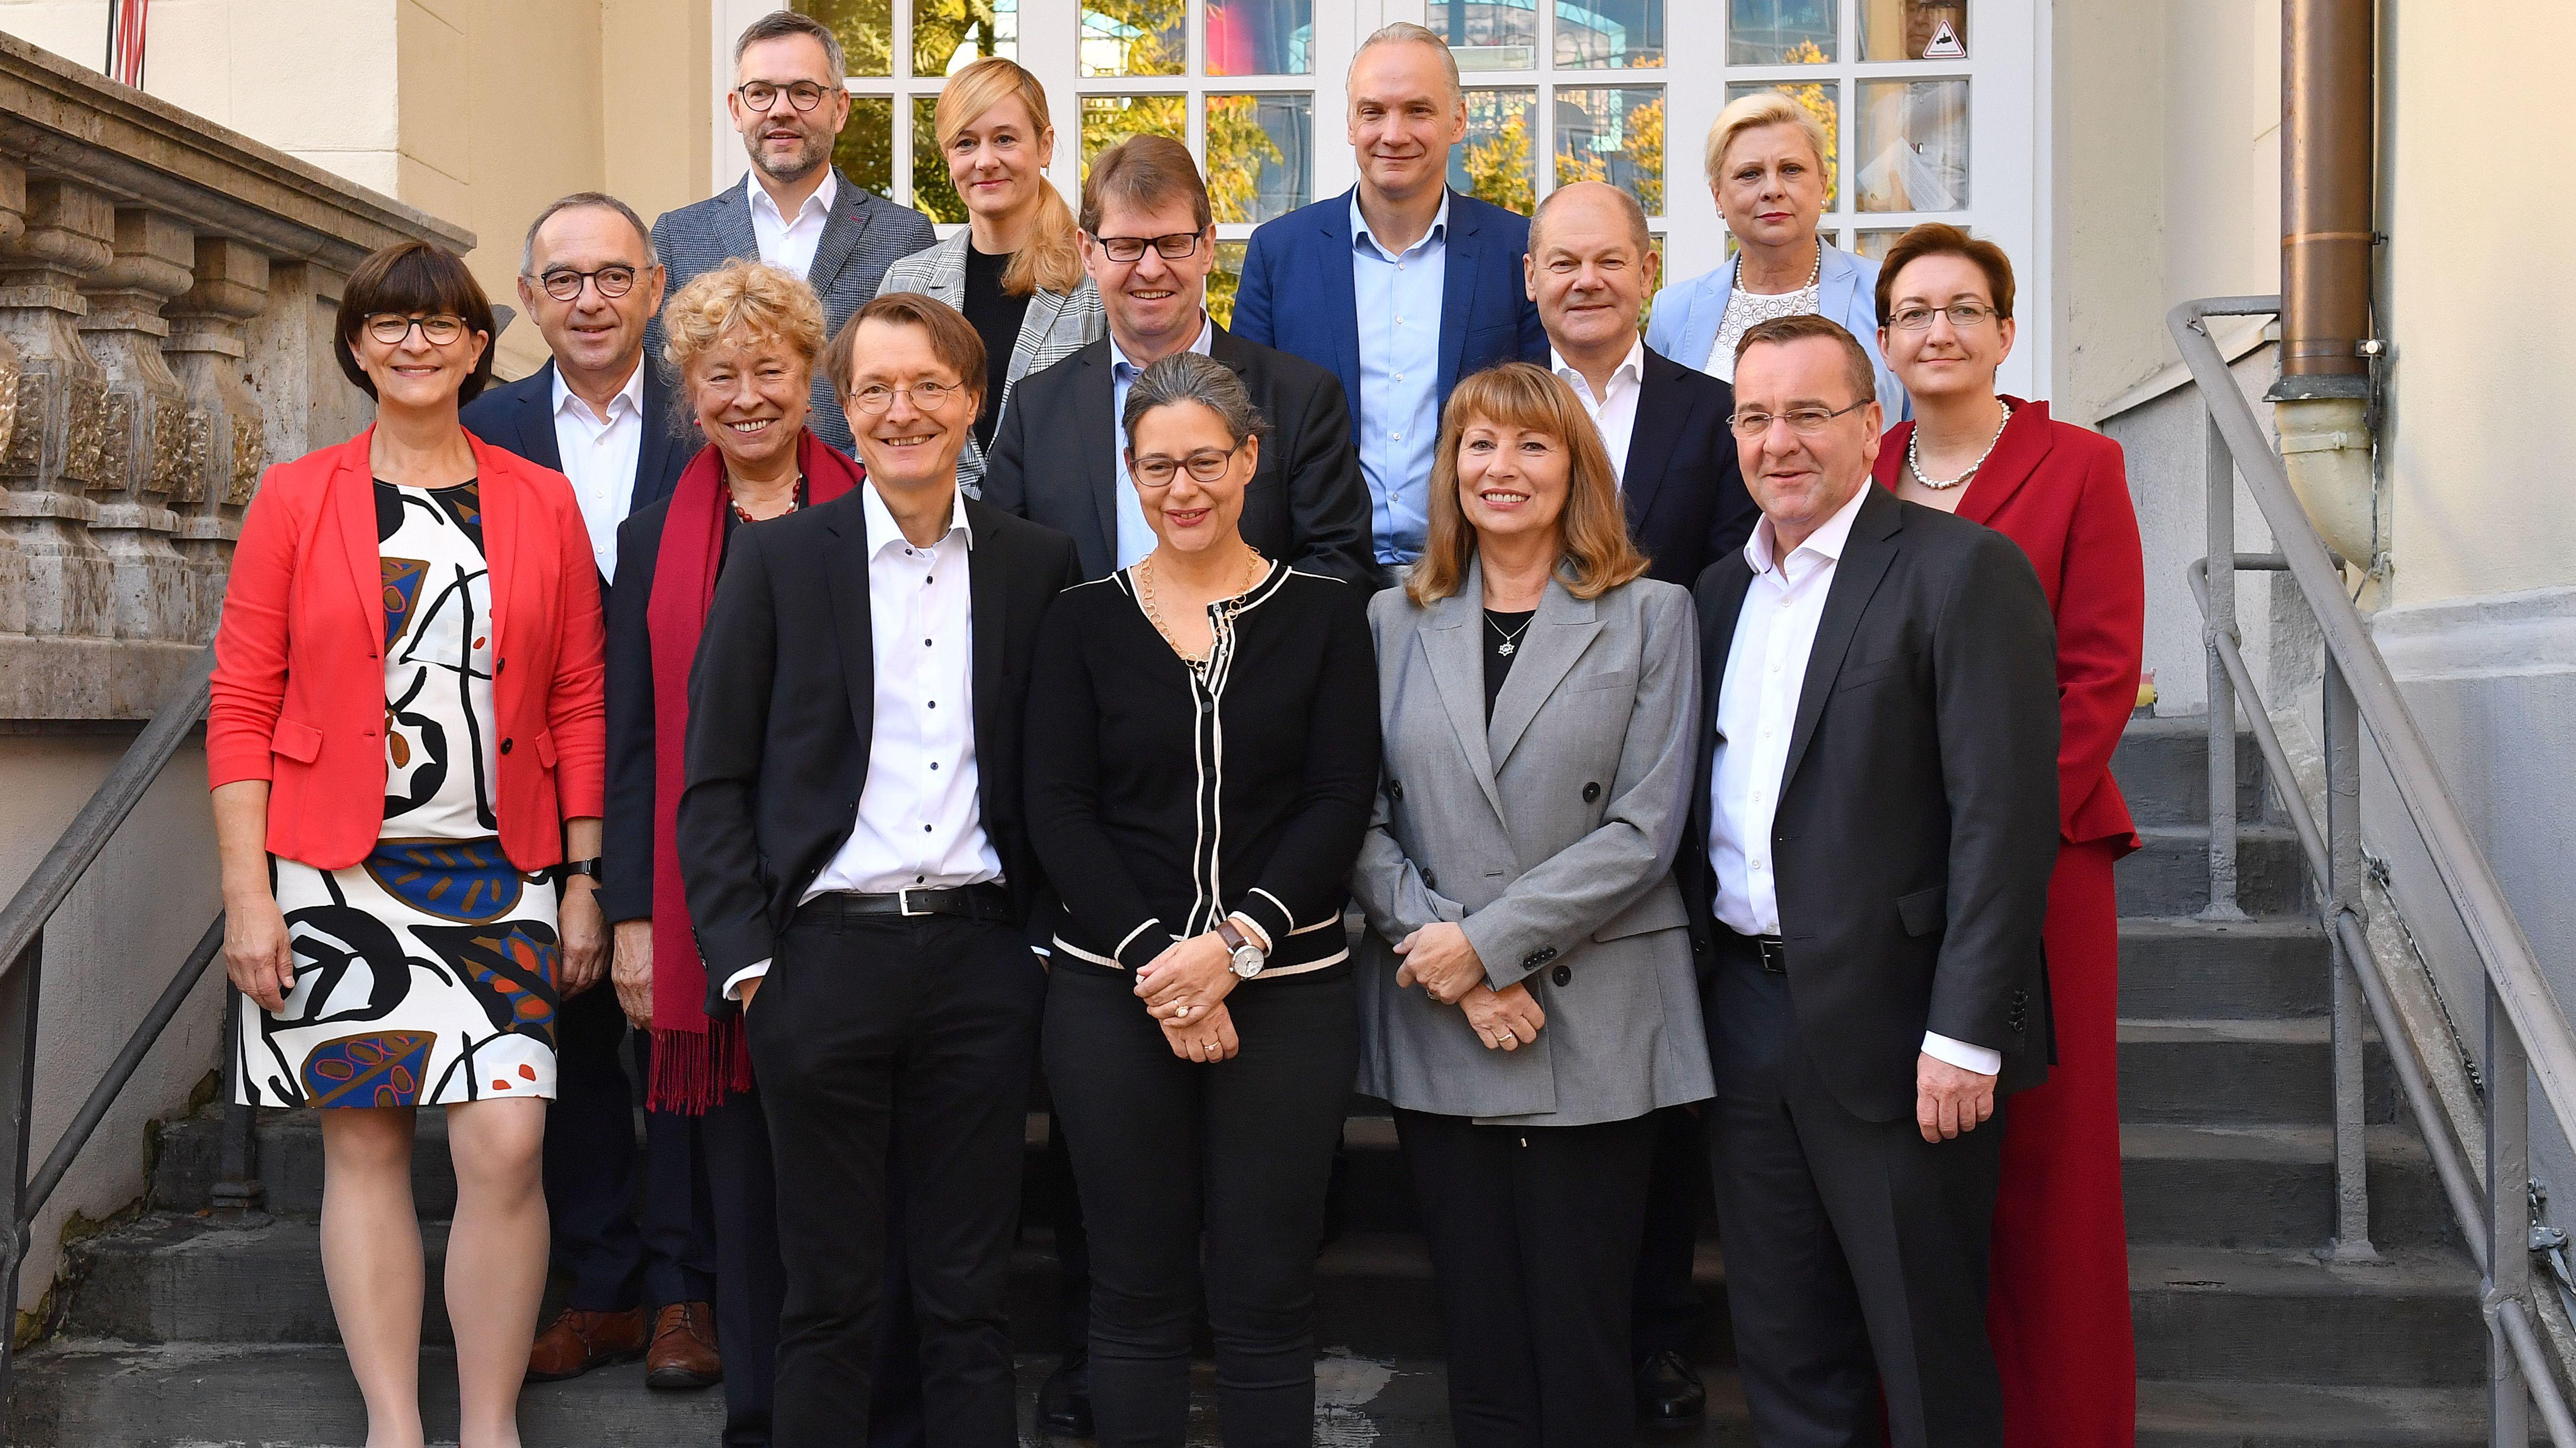 Da waren es noch 14: Die Kandidaten um den SPD-Parteivorsitz am Samstag in München - vor dem Rückzug von Hilde Mattheis und Dierk Hirschel.